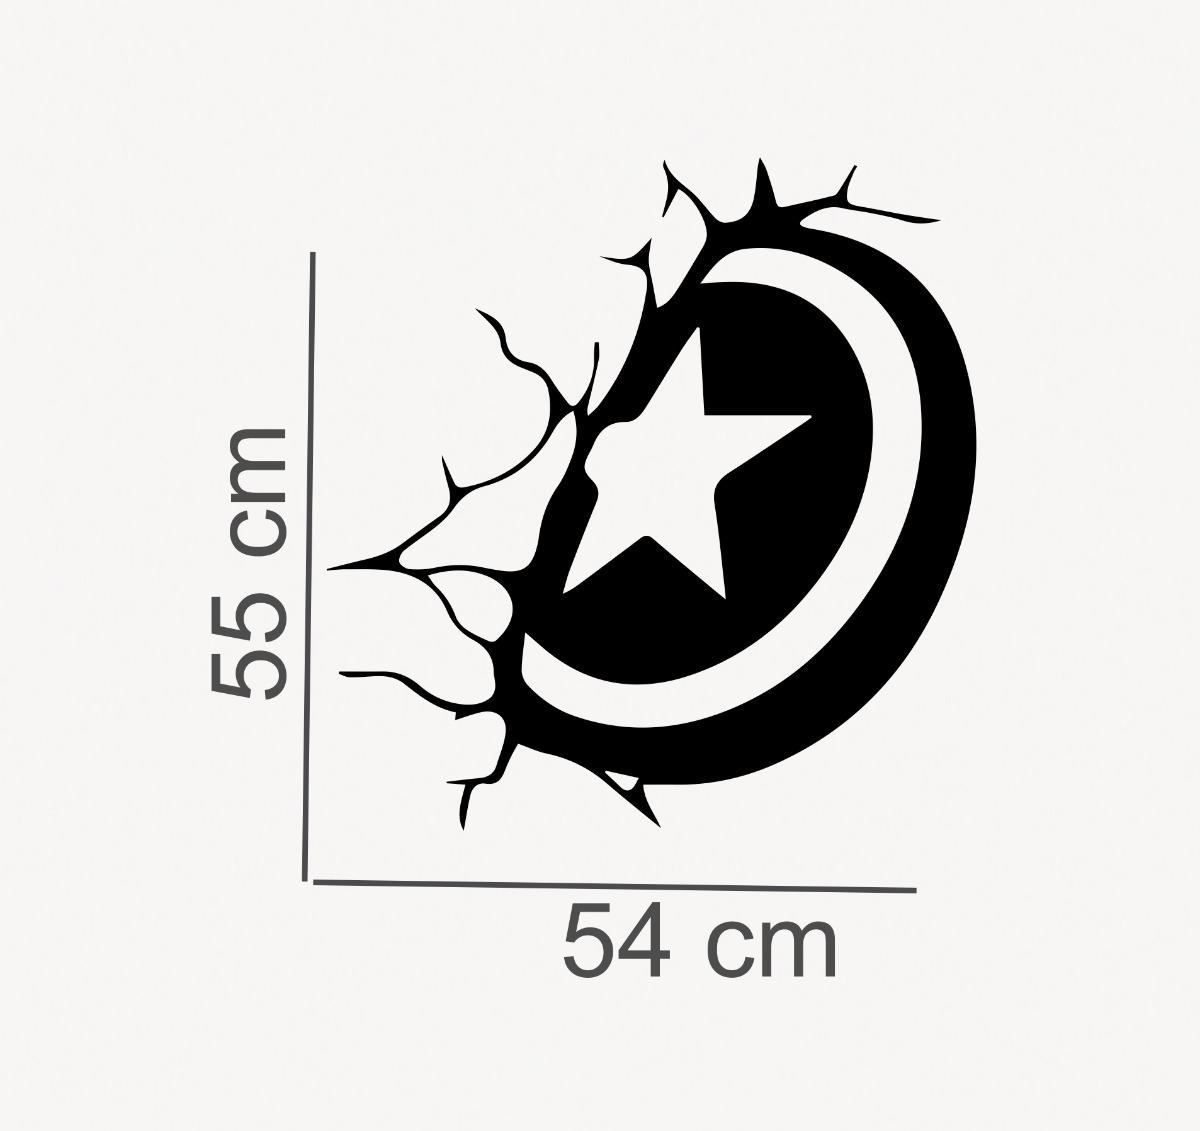 Adesivo Parede Quarto Escudo Capitao America 55x54 Cm R 32 90